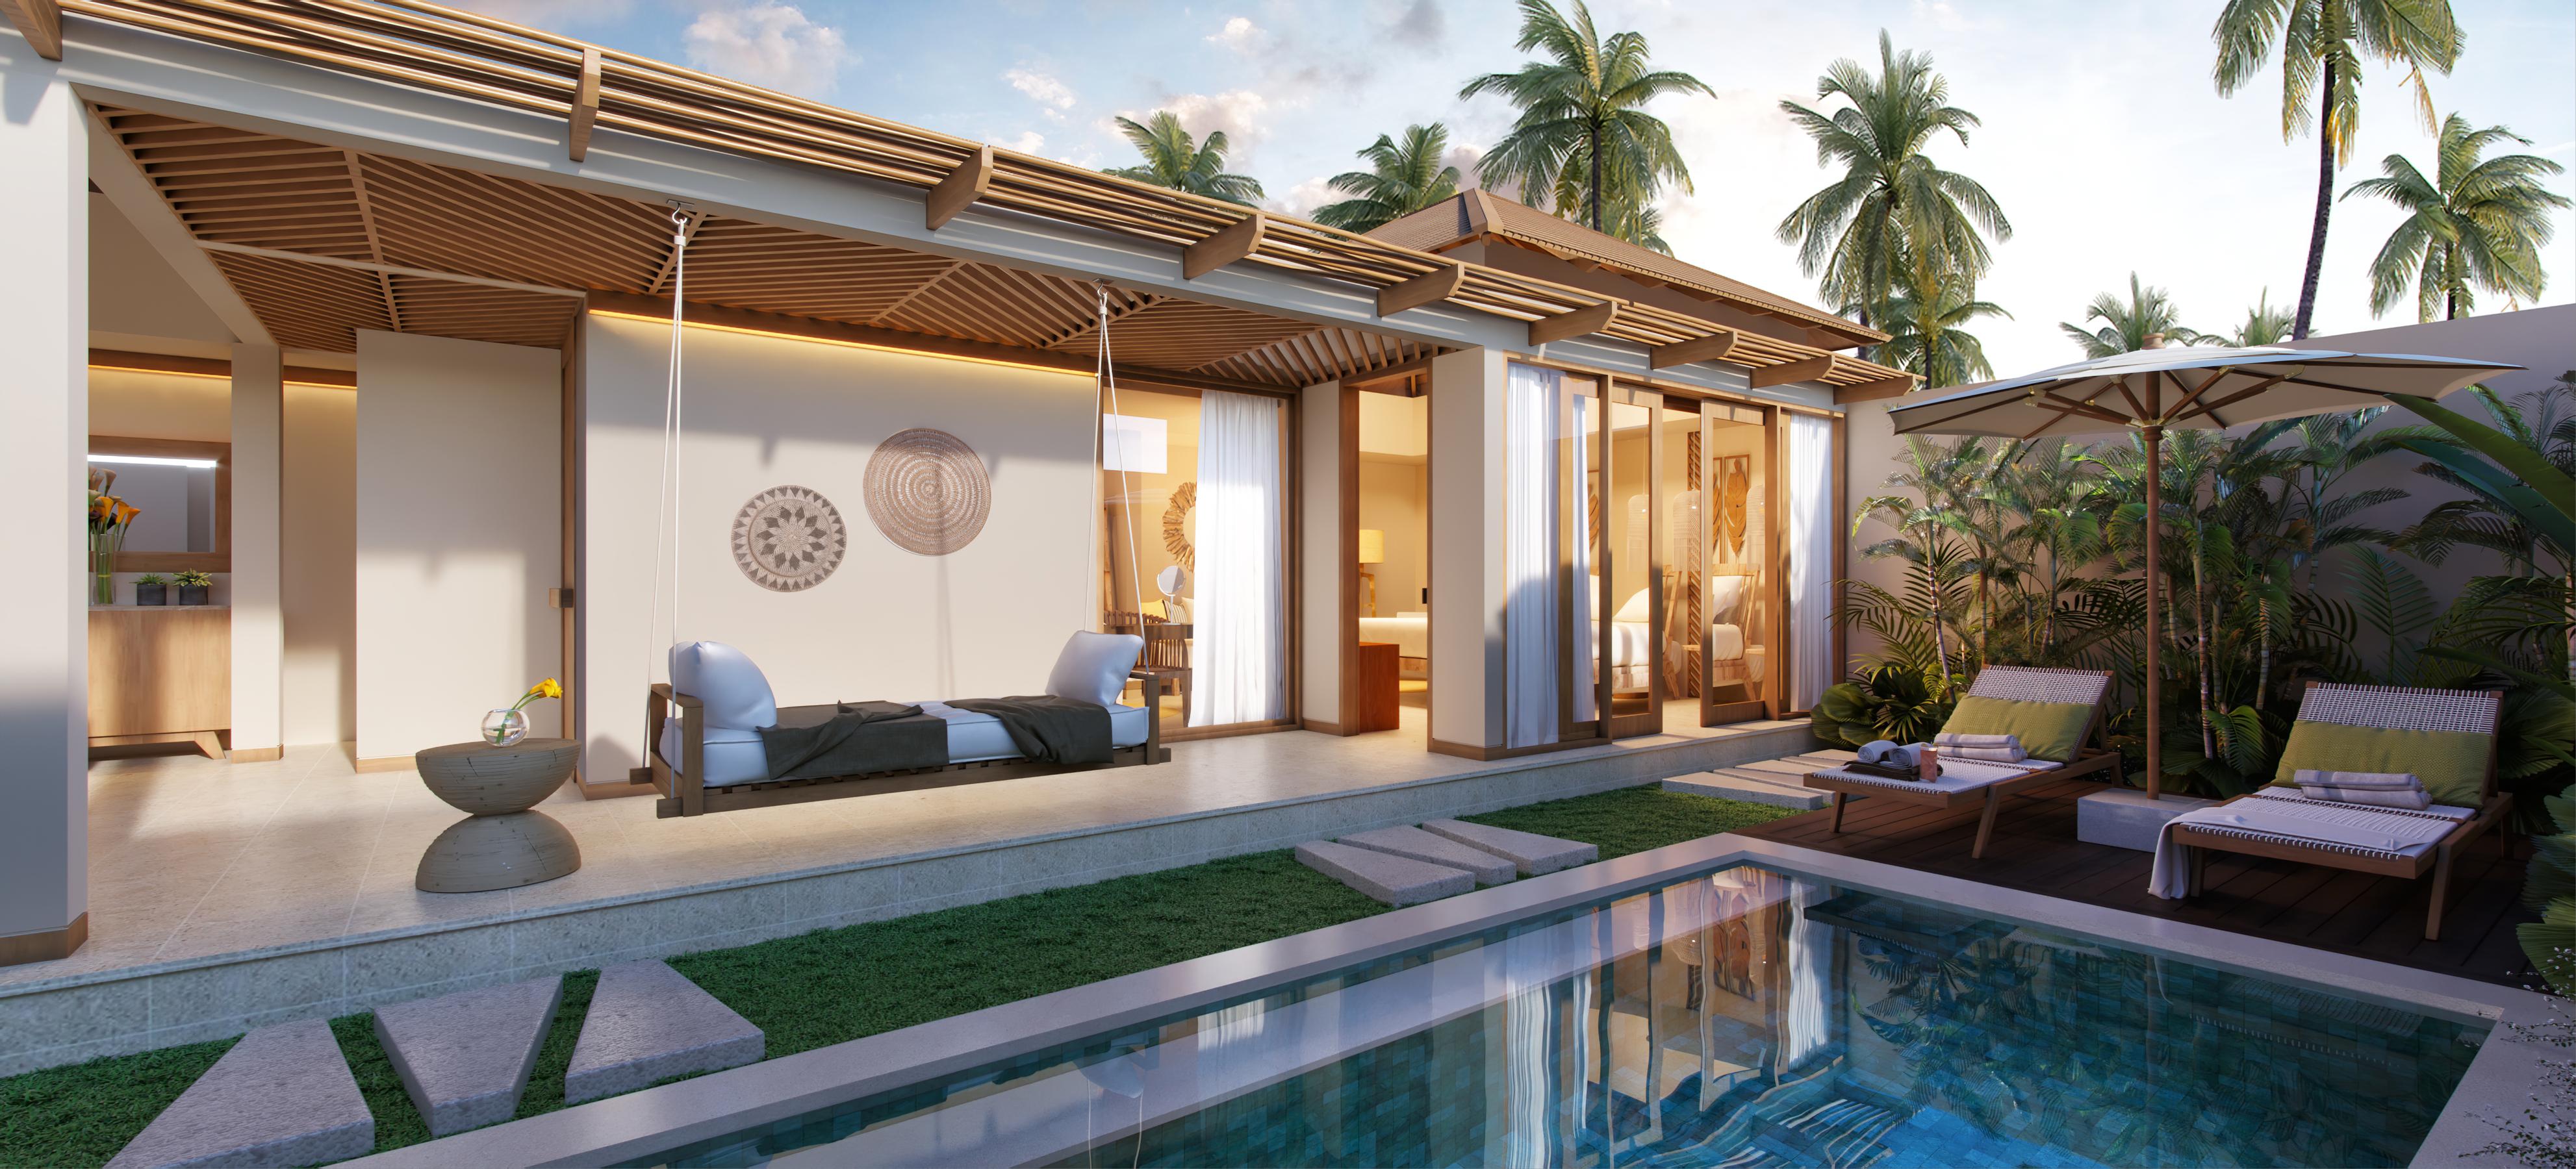 1br Villa in Cocana Sunset Lagoon